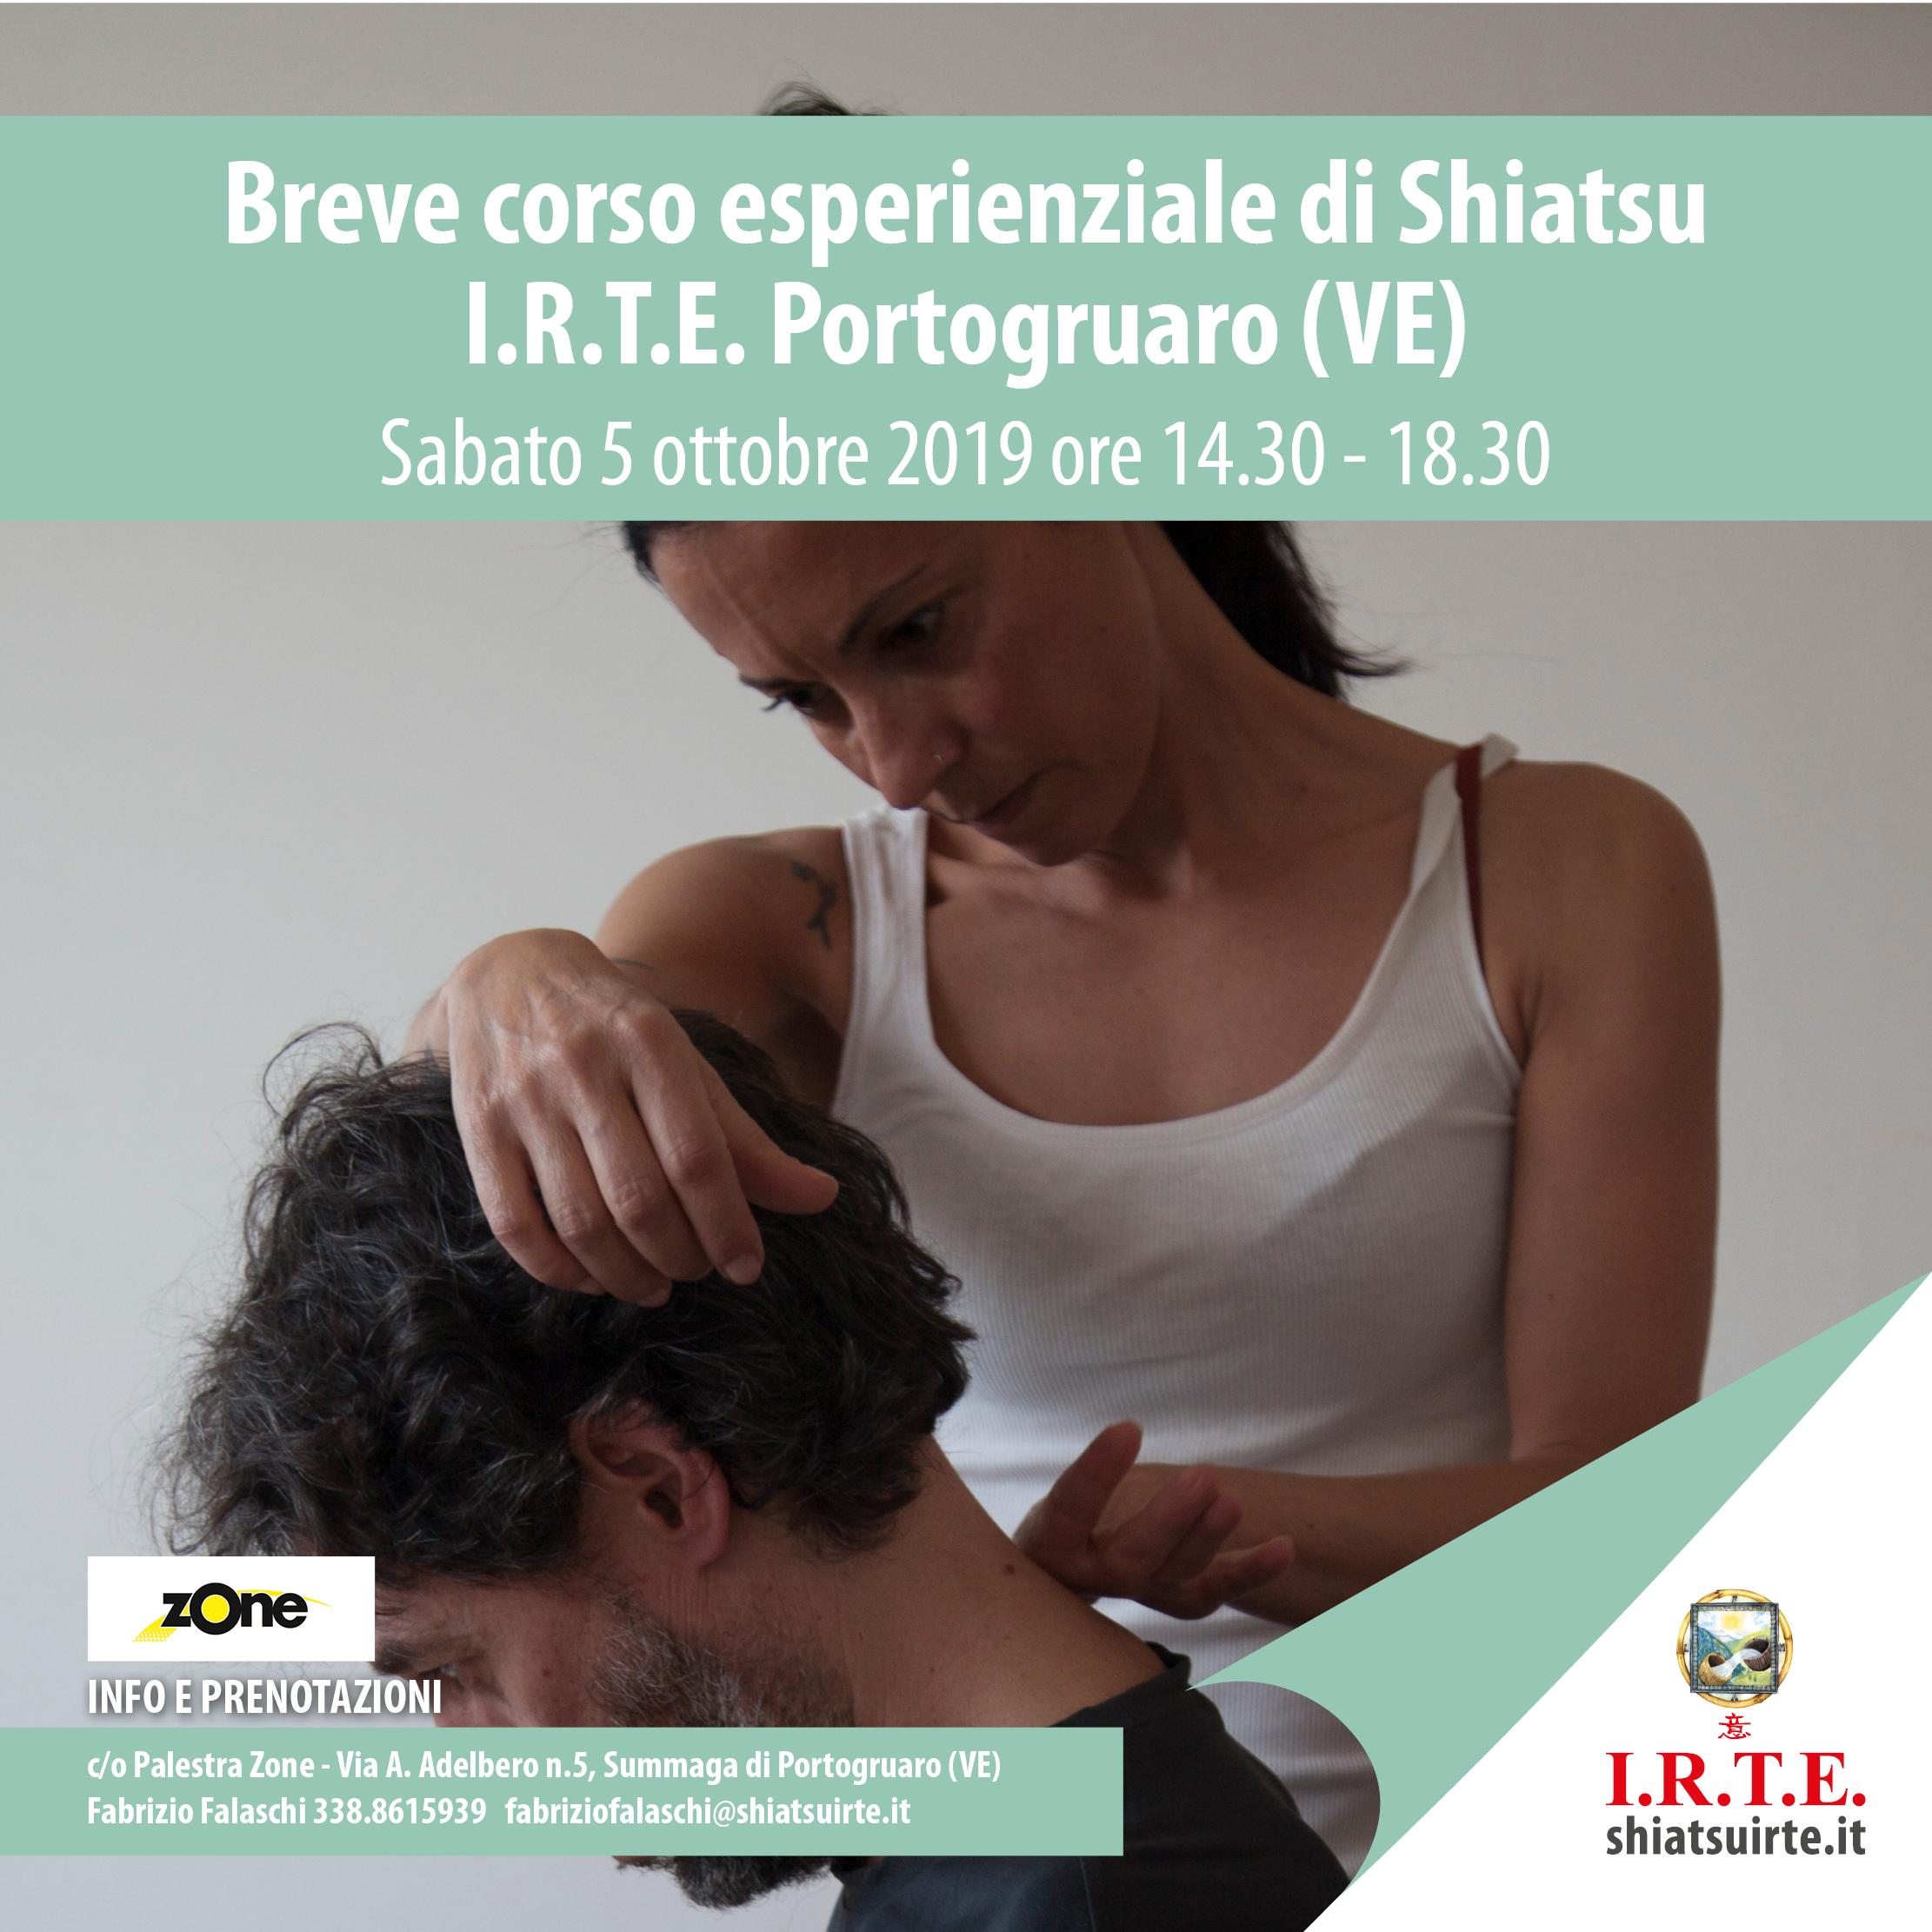 Portogruaro (VE) - 5 ottobre 2019: breve corso esperienziale di Shiatsu